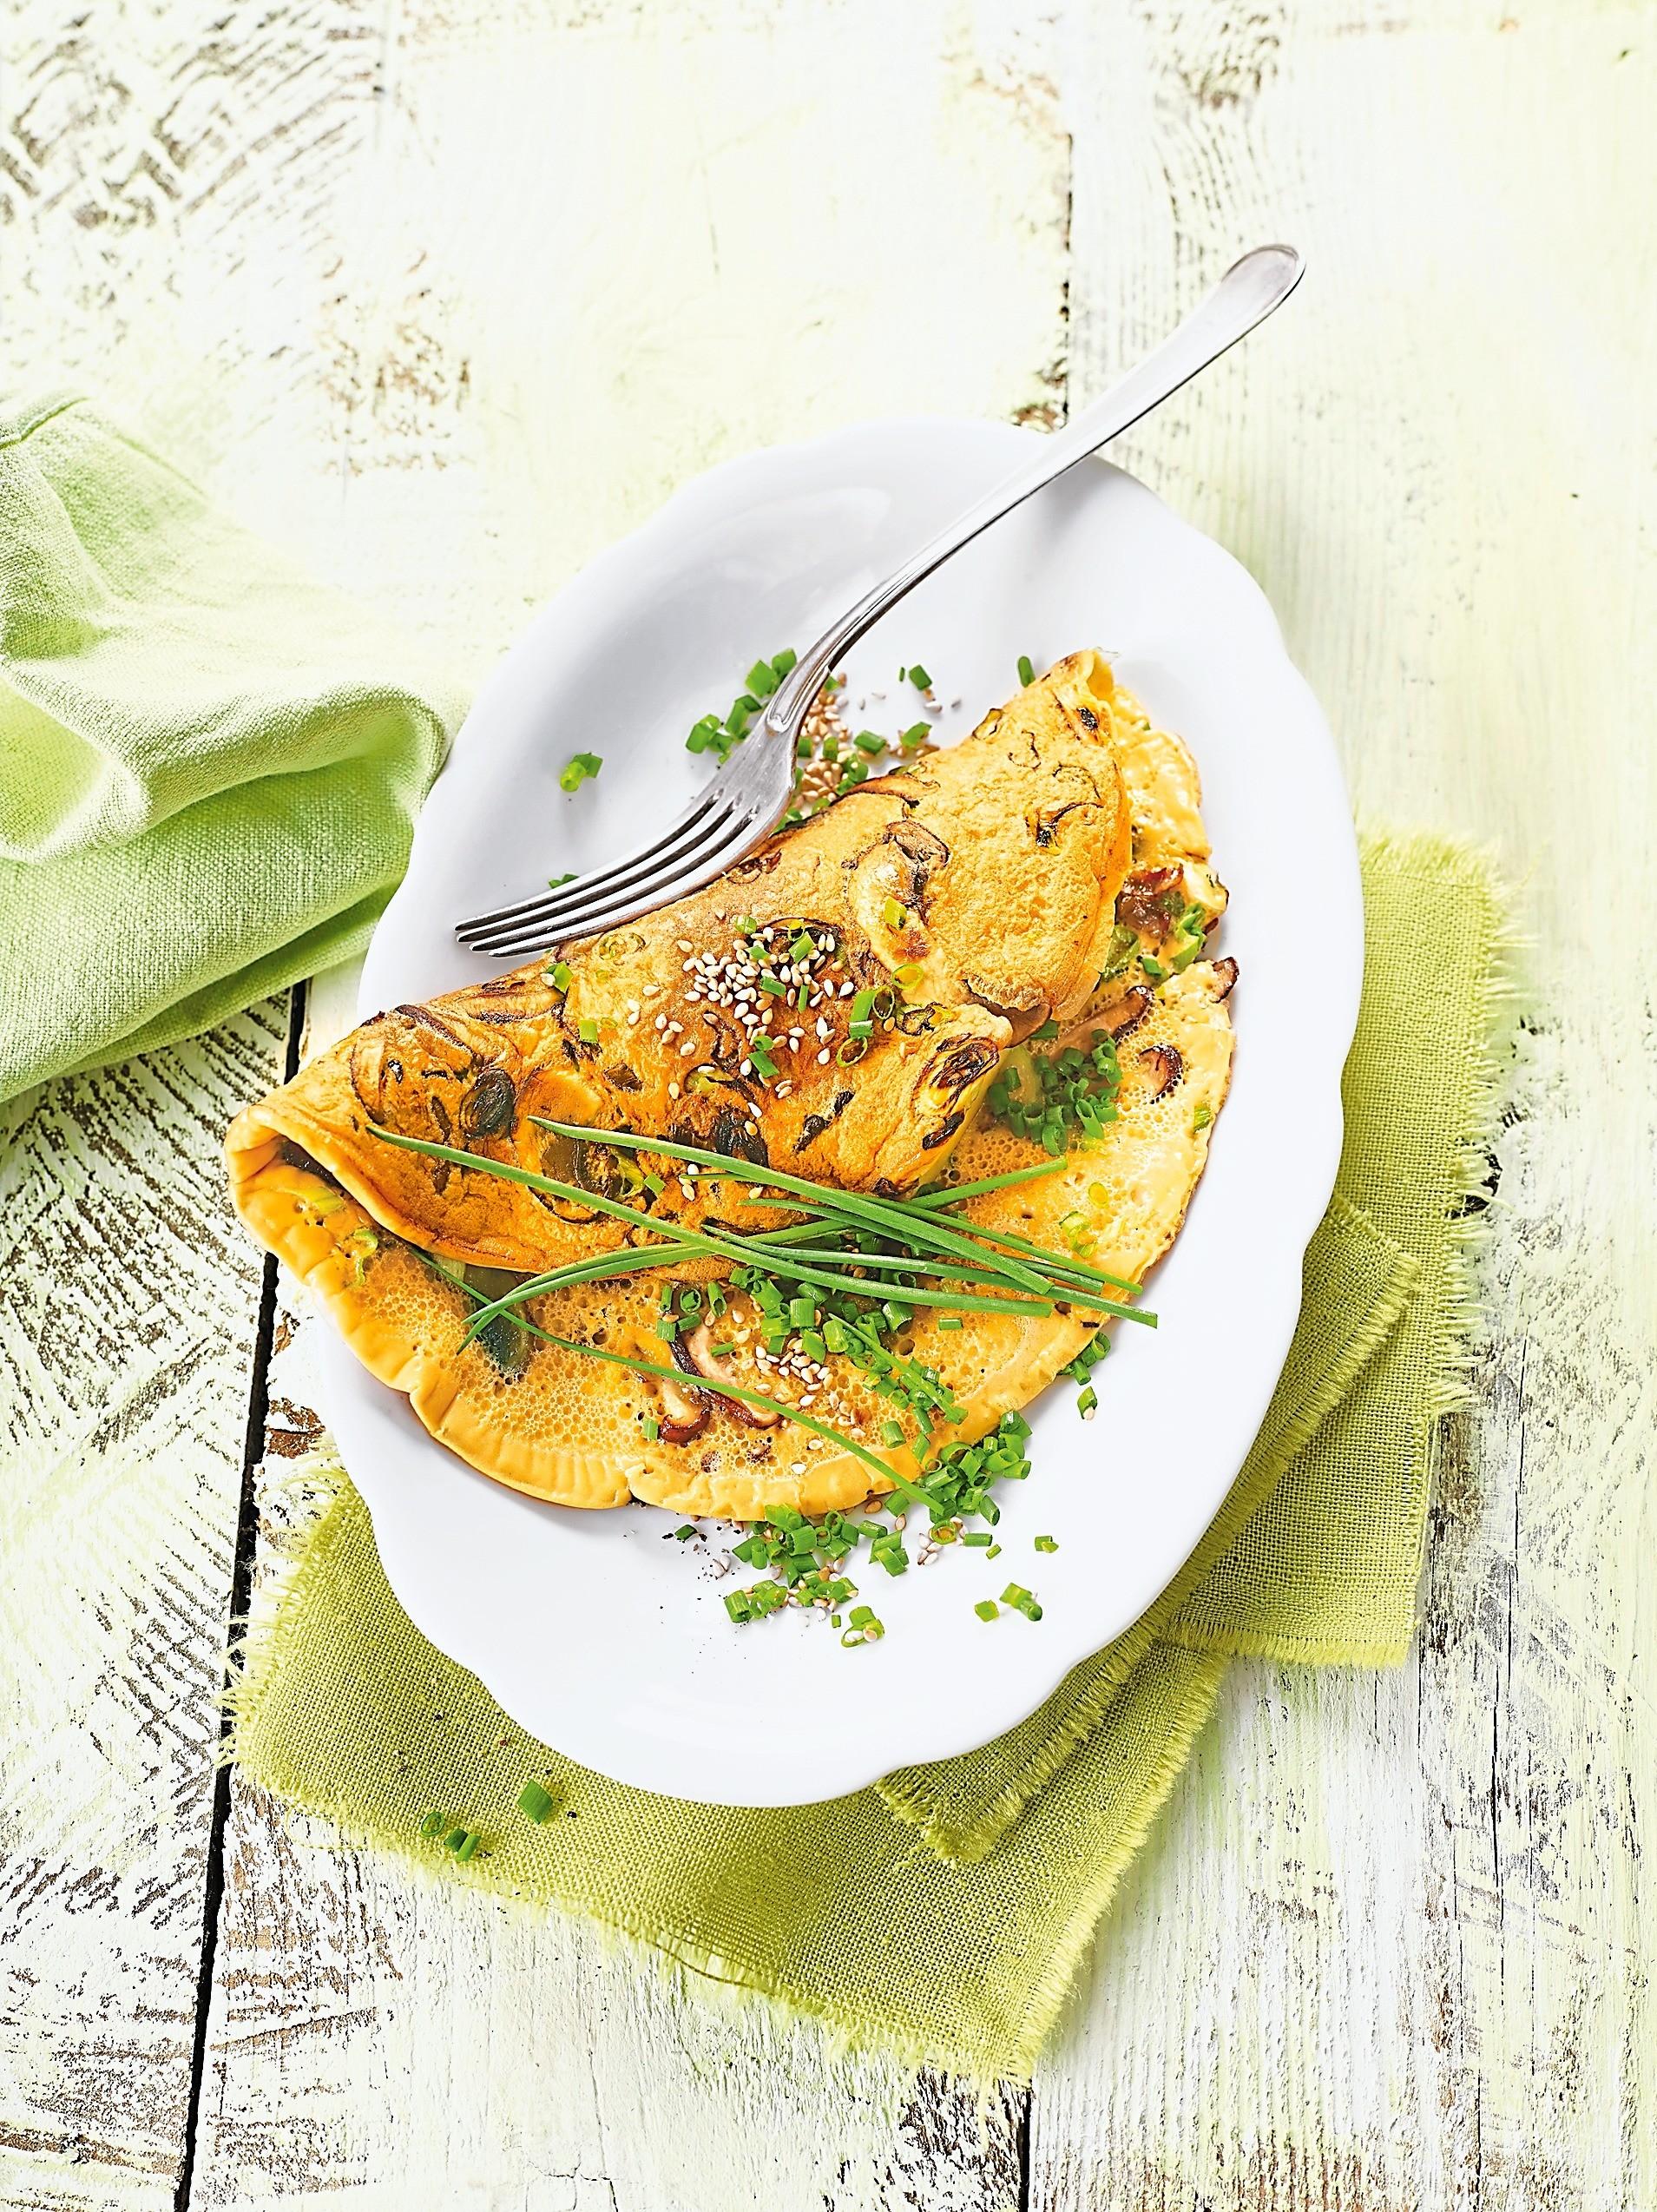 Завтрак, который поможет проснуться: рецепт омлета с грибами и имбирем